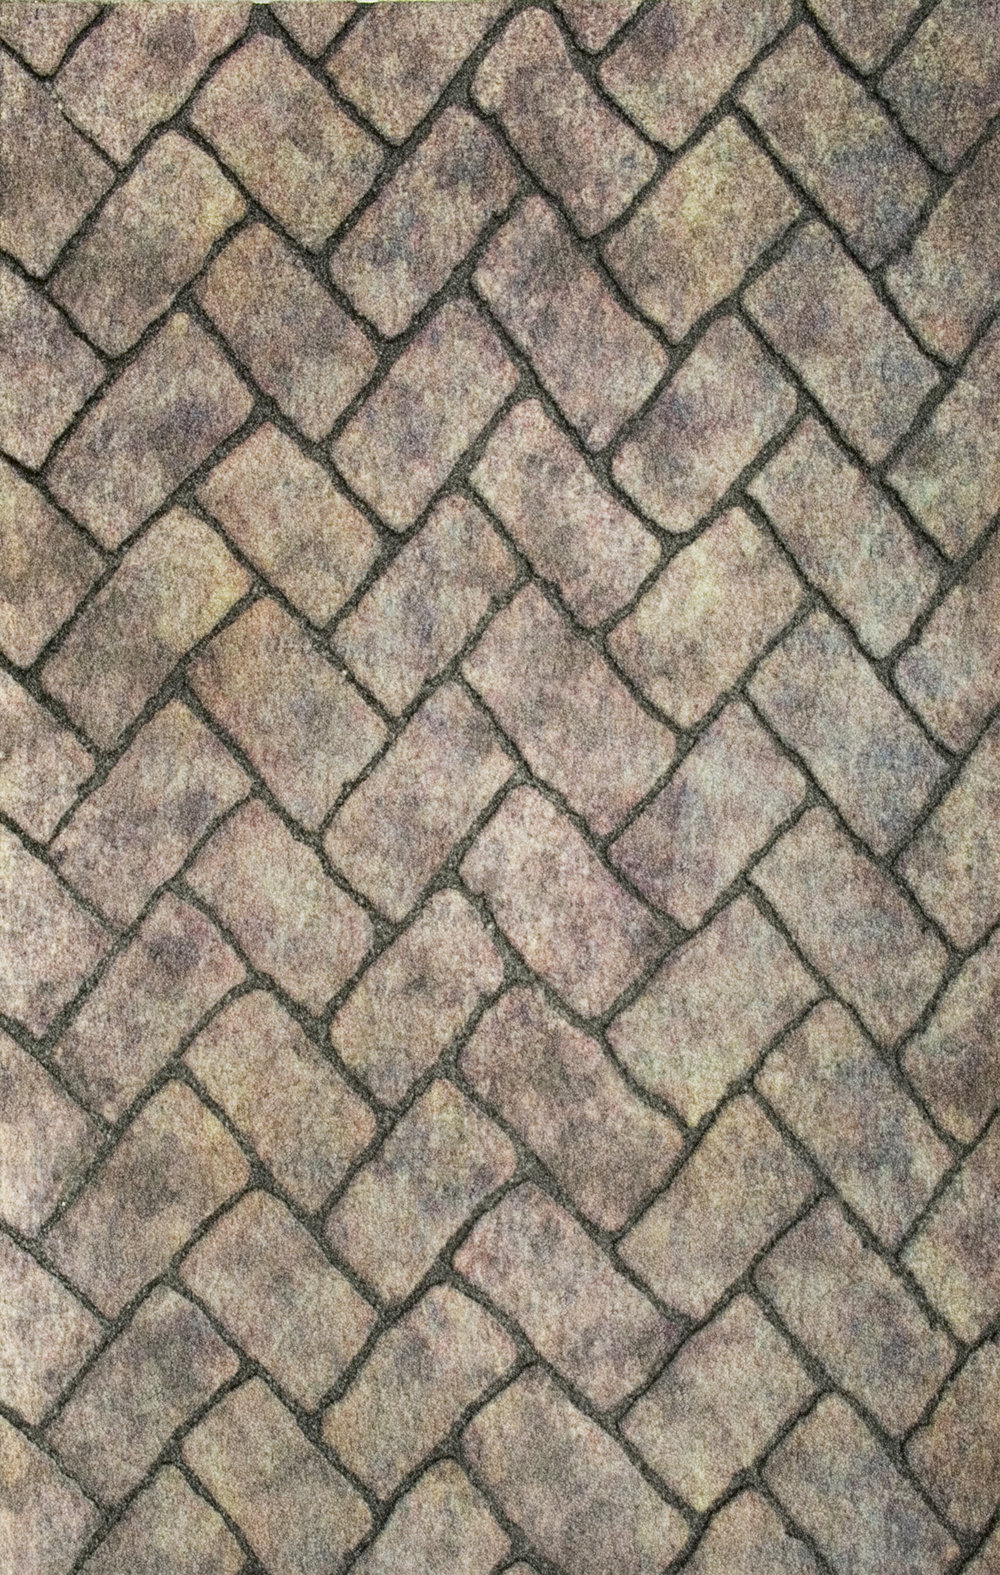 Cris Cross Bricks Mat.jpg